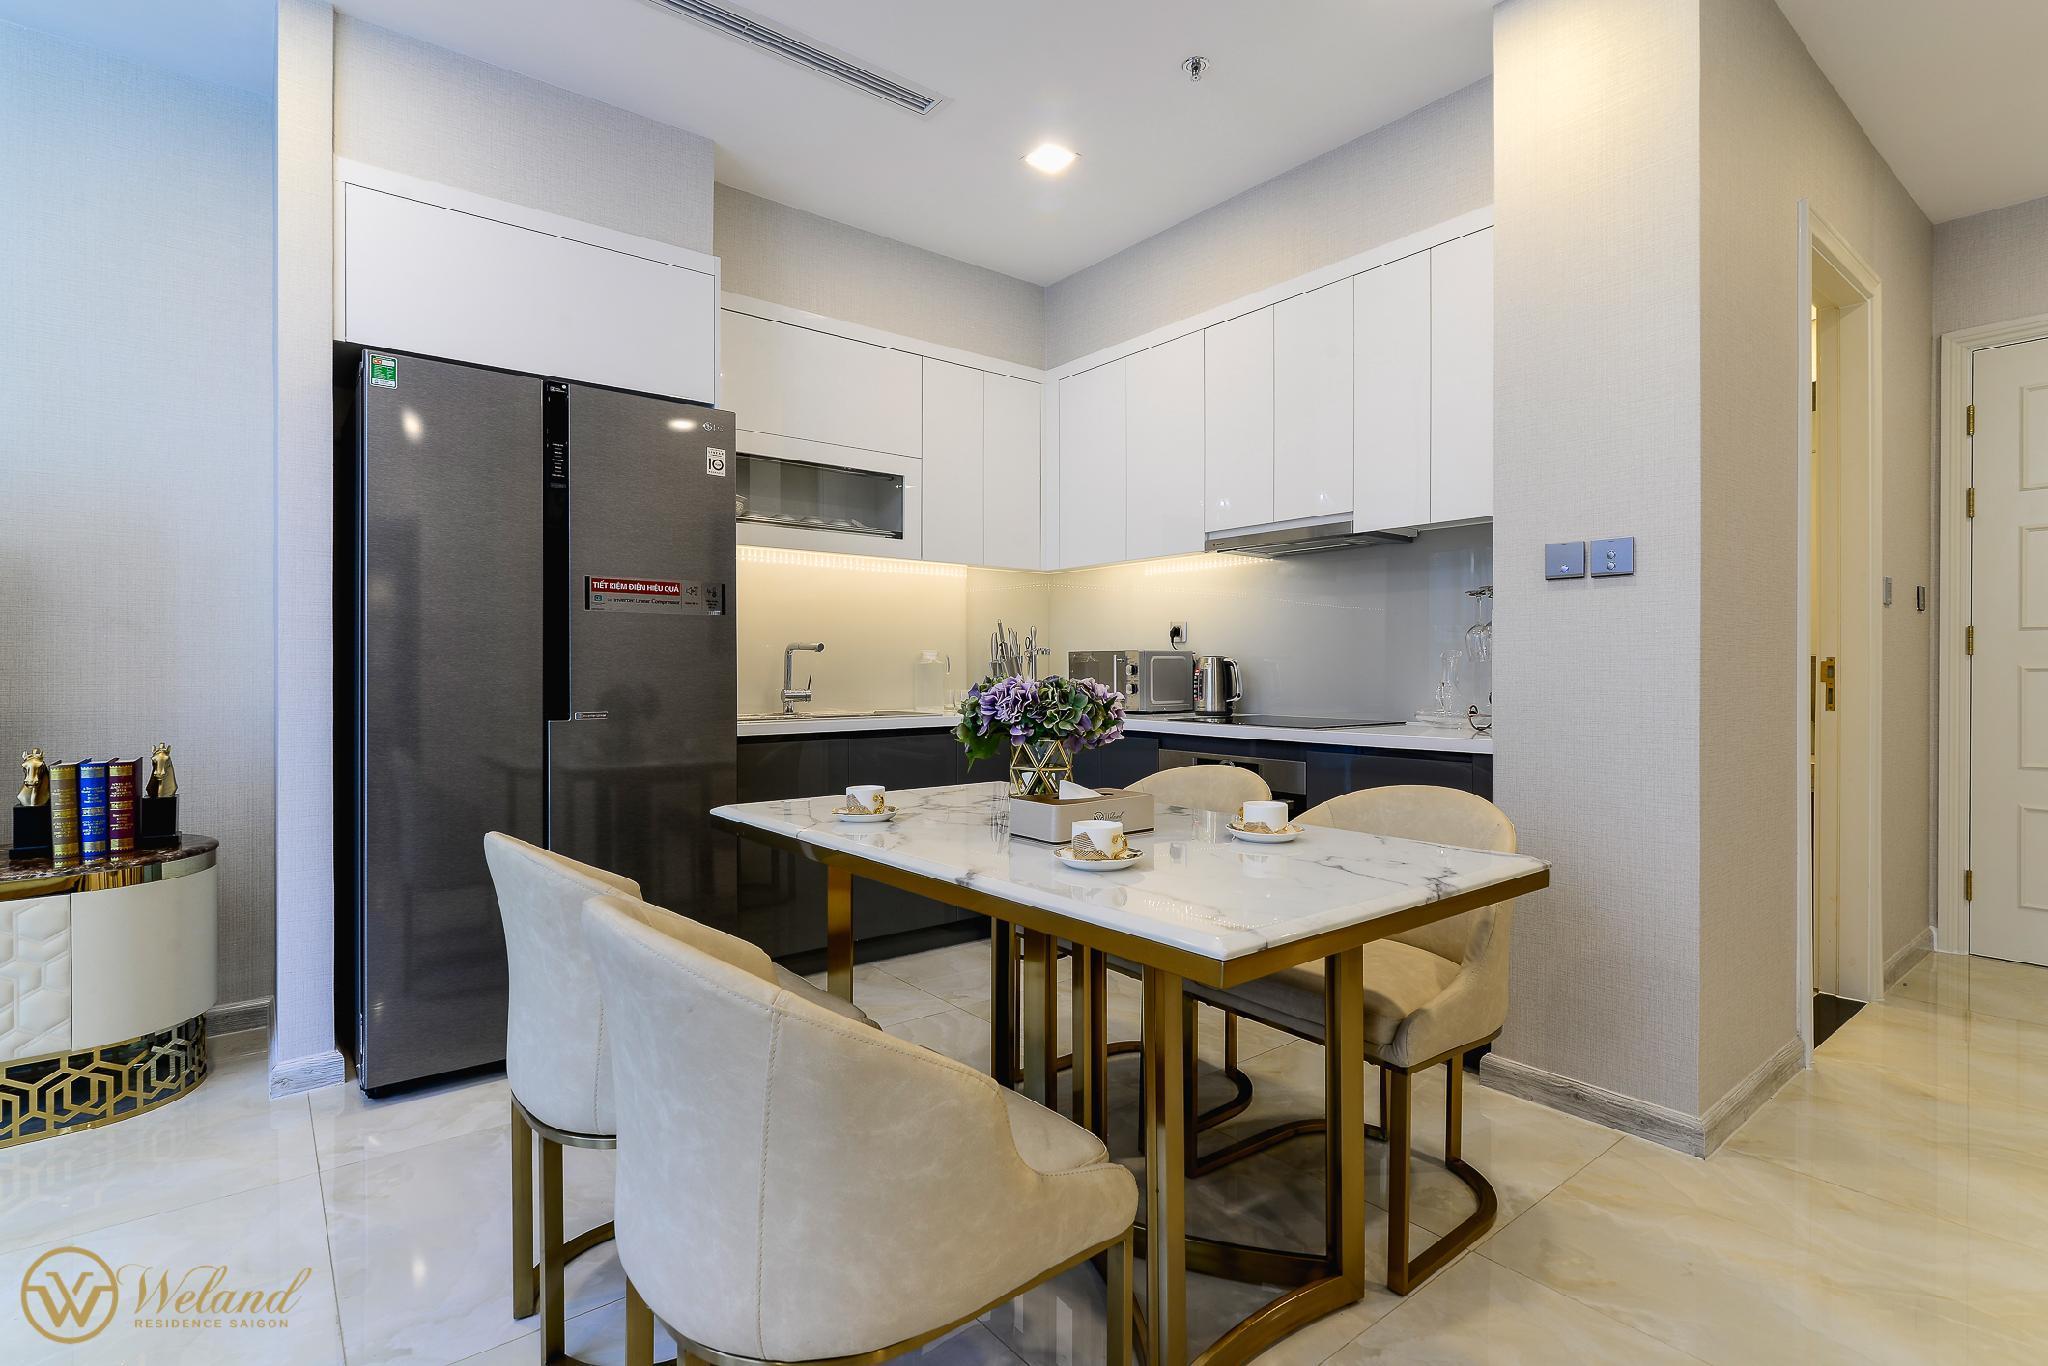 Weland Residence Saigon, Quận 1